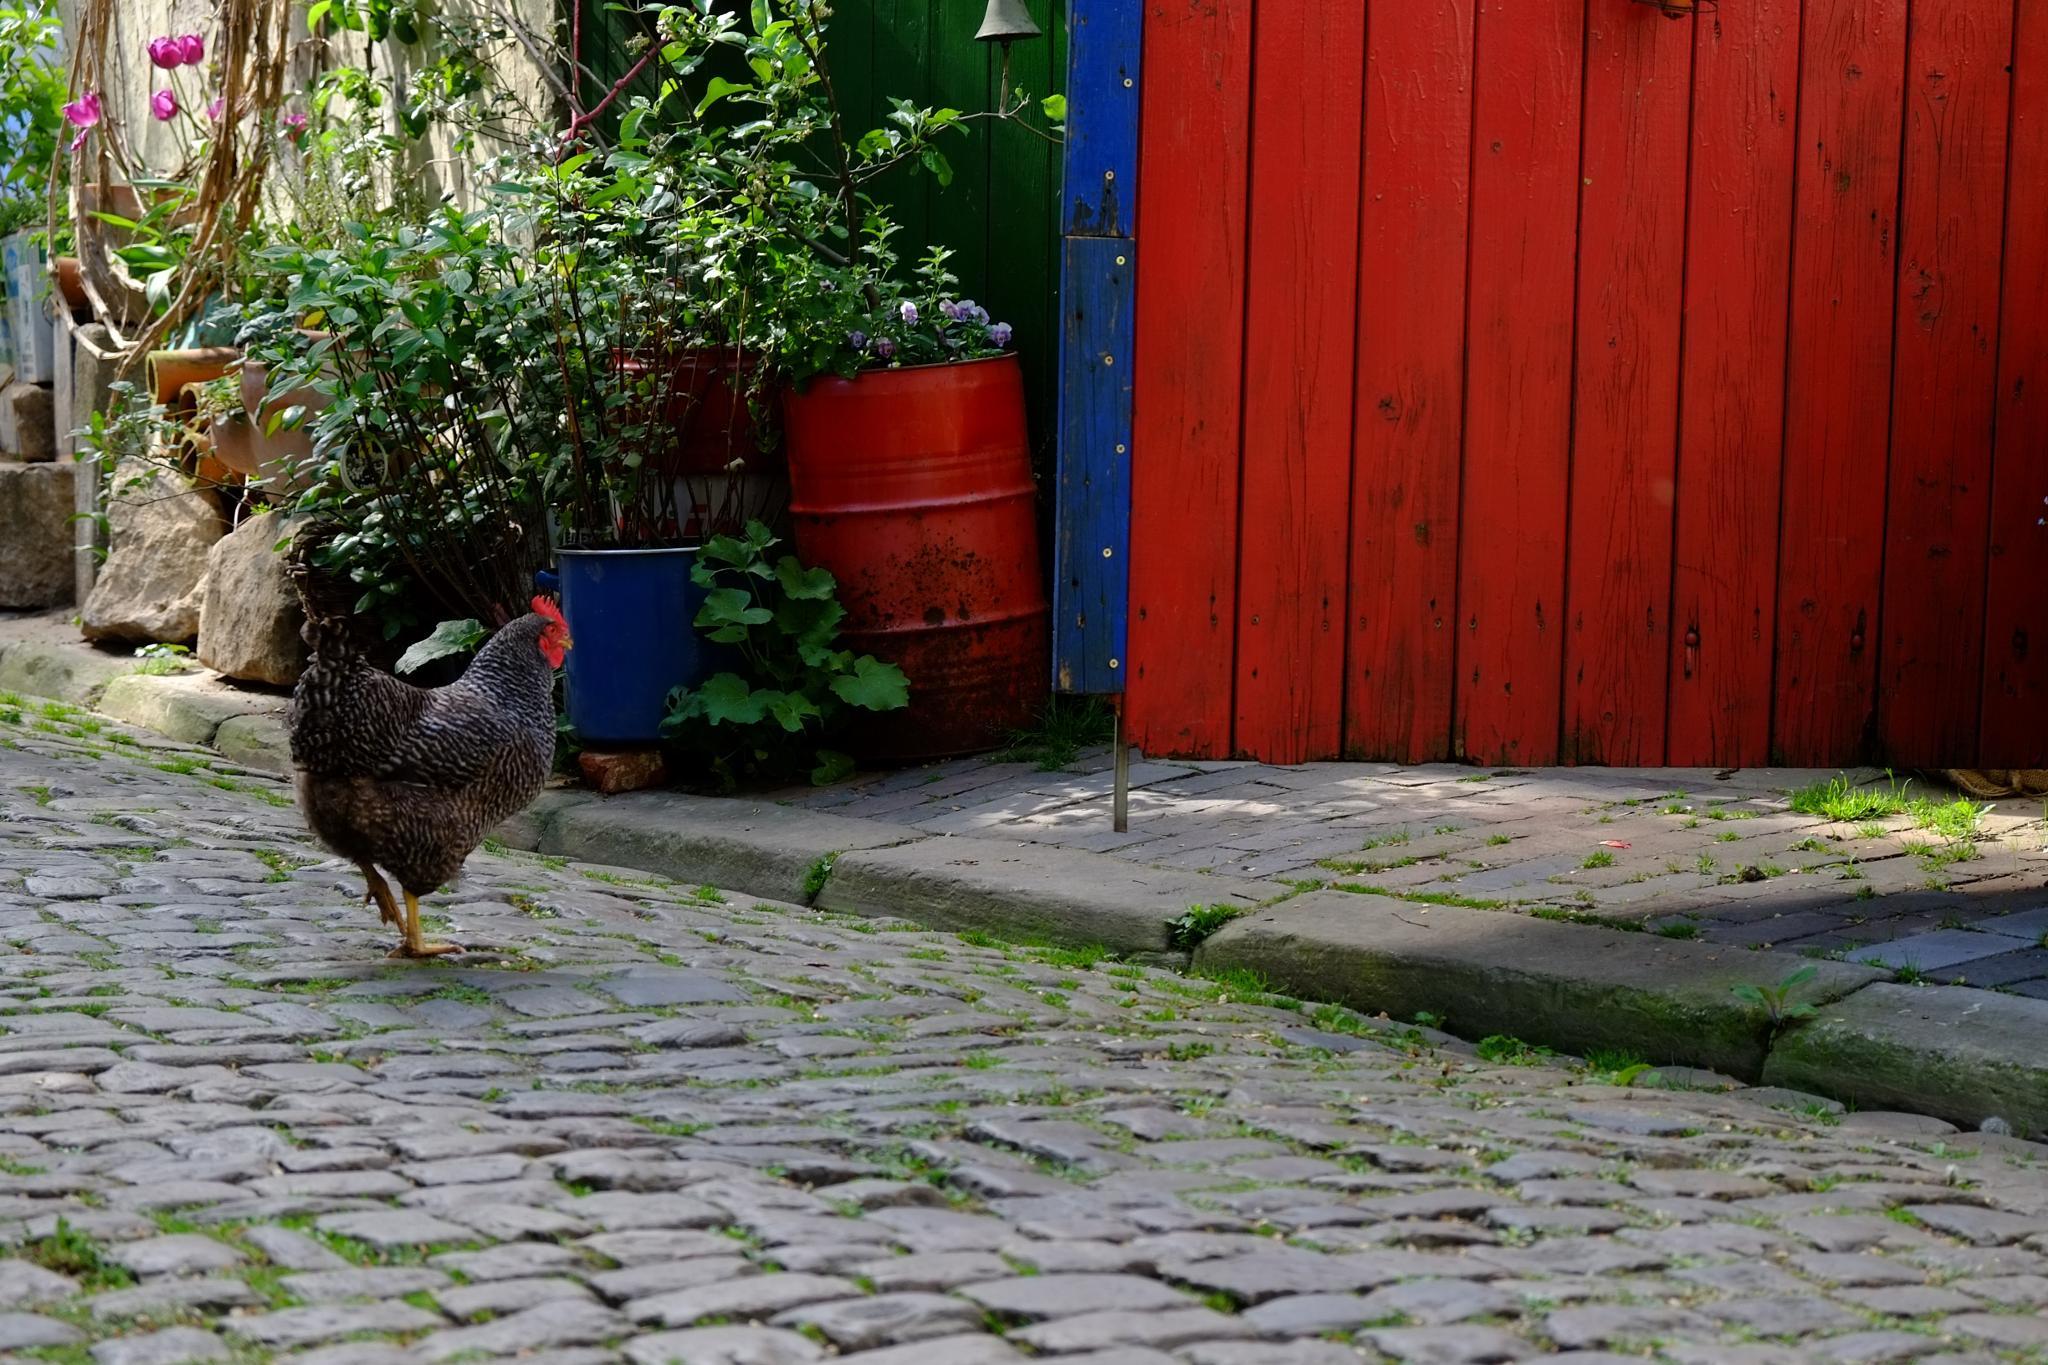 Chicken Home by peterkryzun